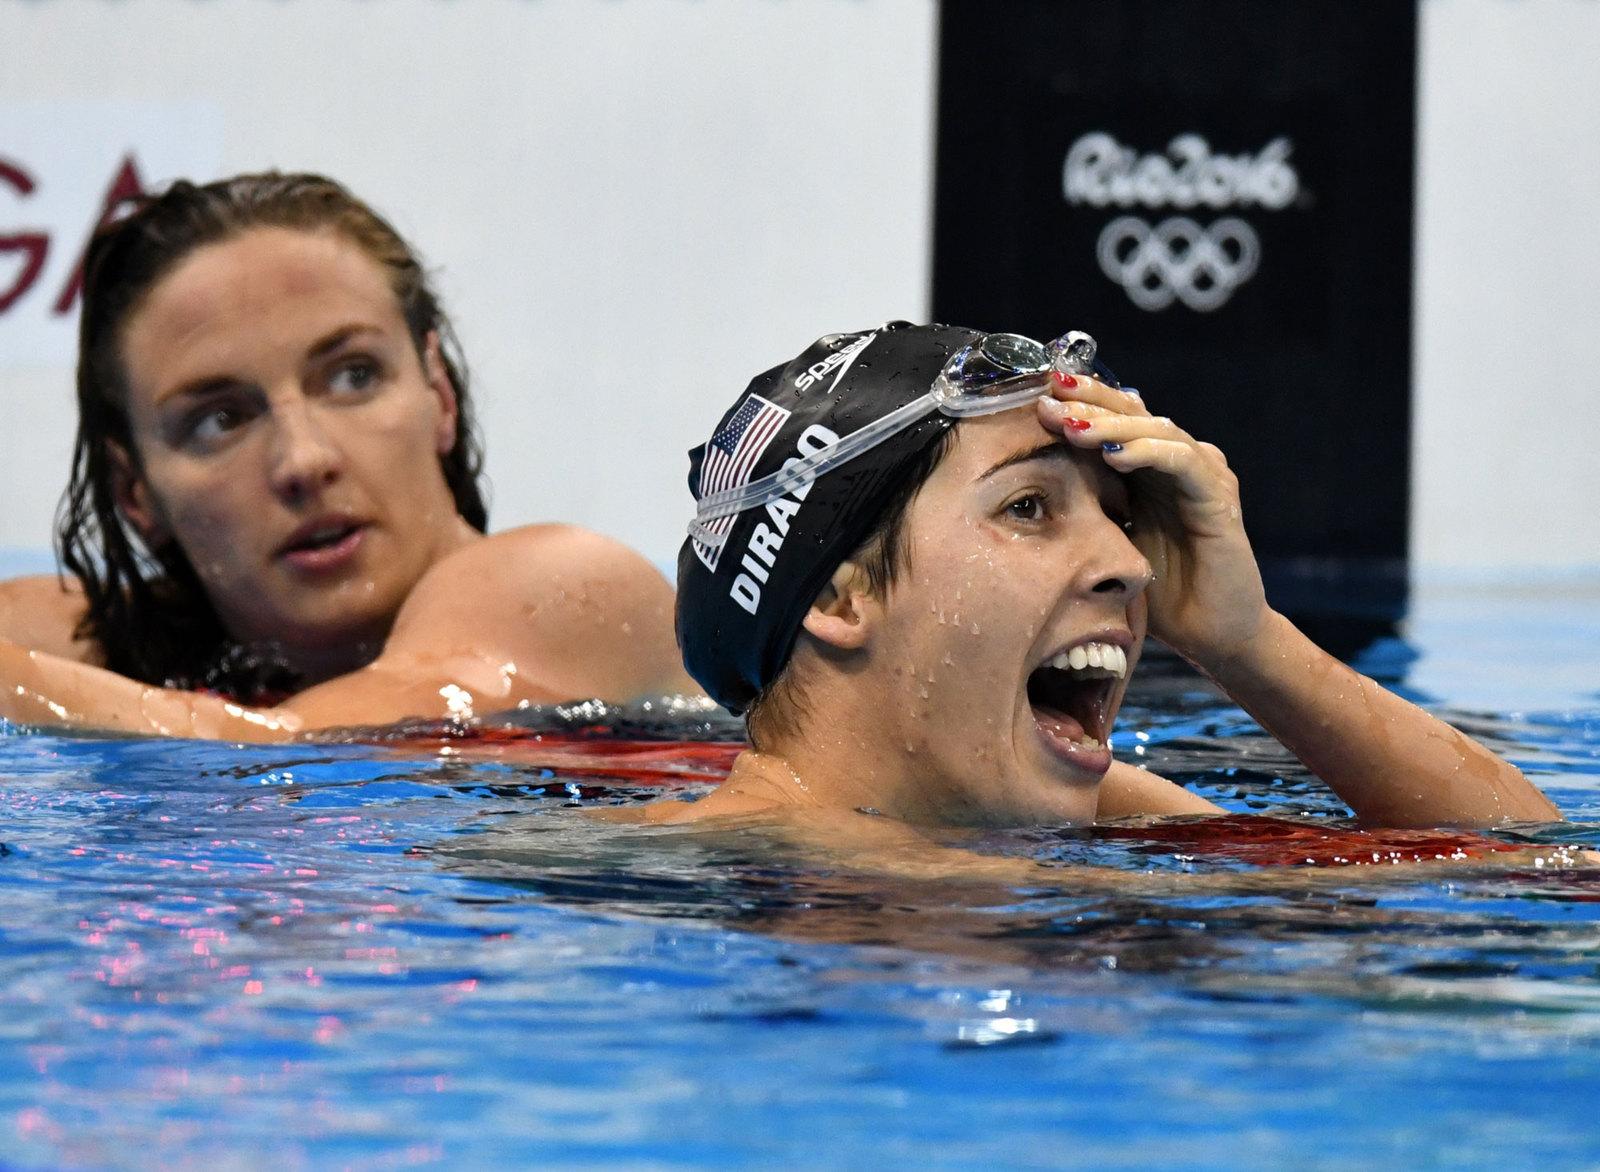 В заплыве на 200 метров на спине трехкратная олимпийская чемпионка Рио Катинка Хоссу уступила американке Майе Дирадо, проиграф на финише лишь касание